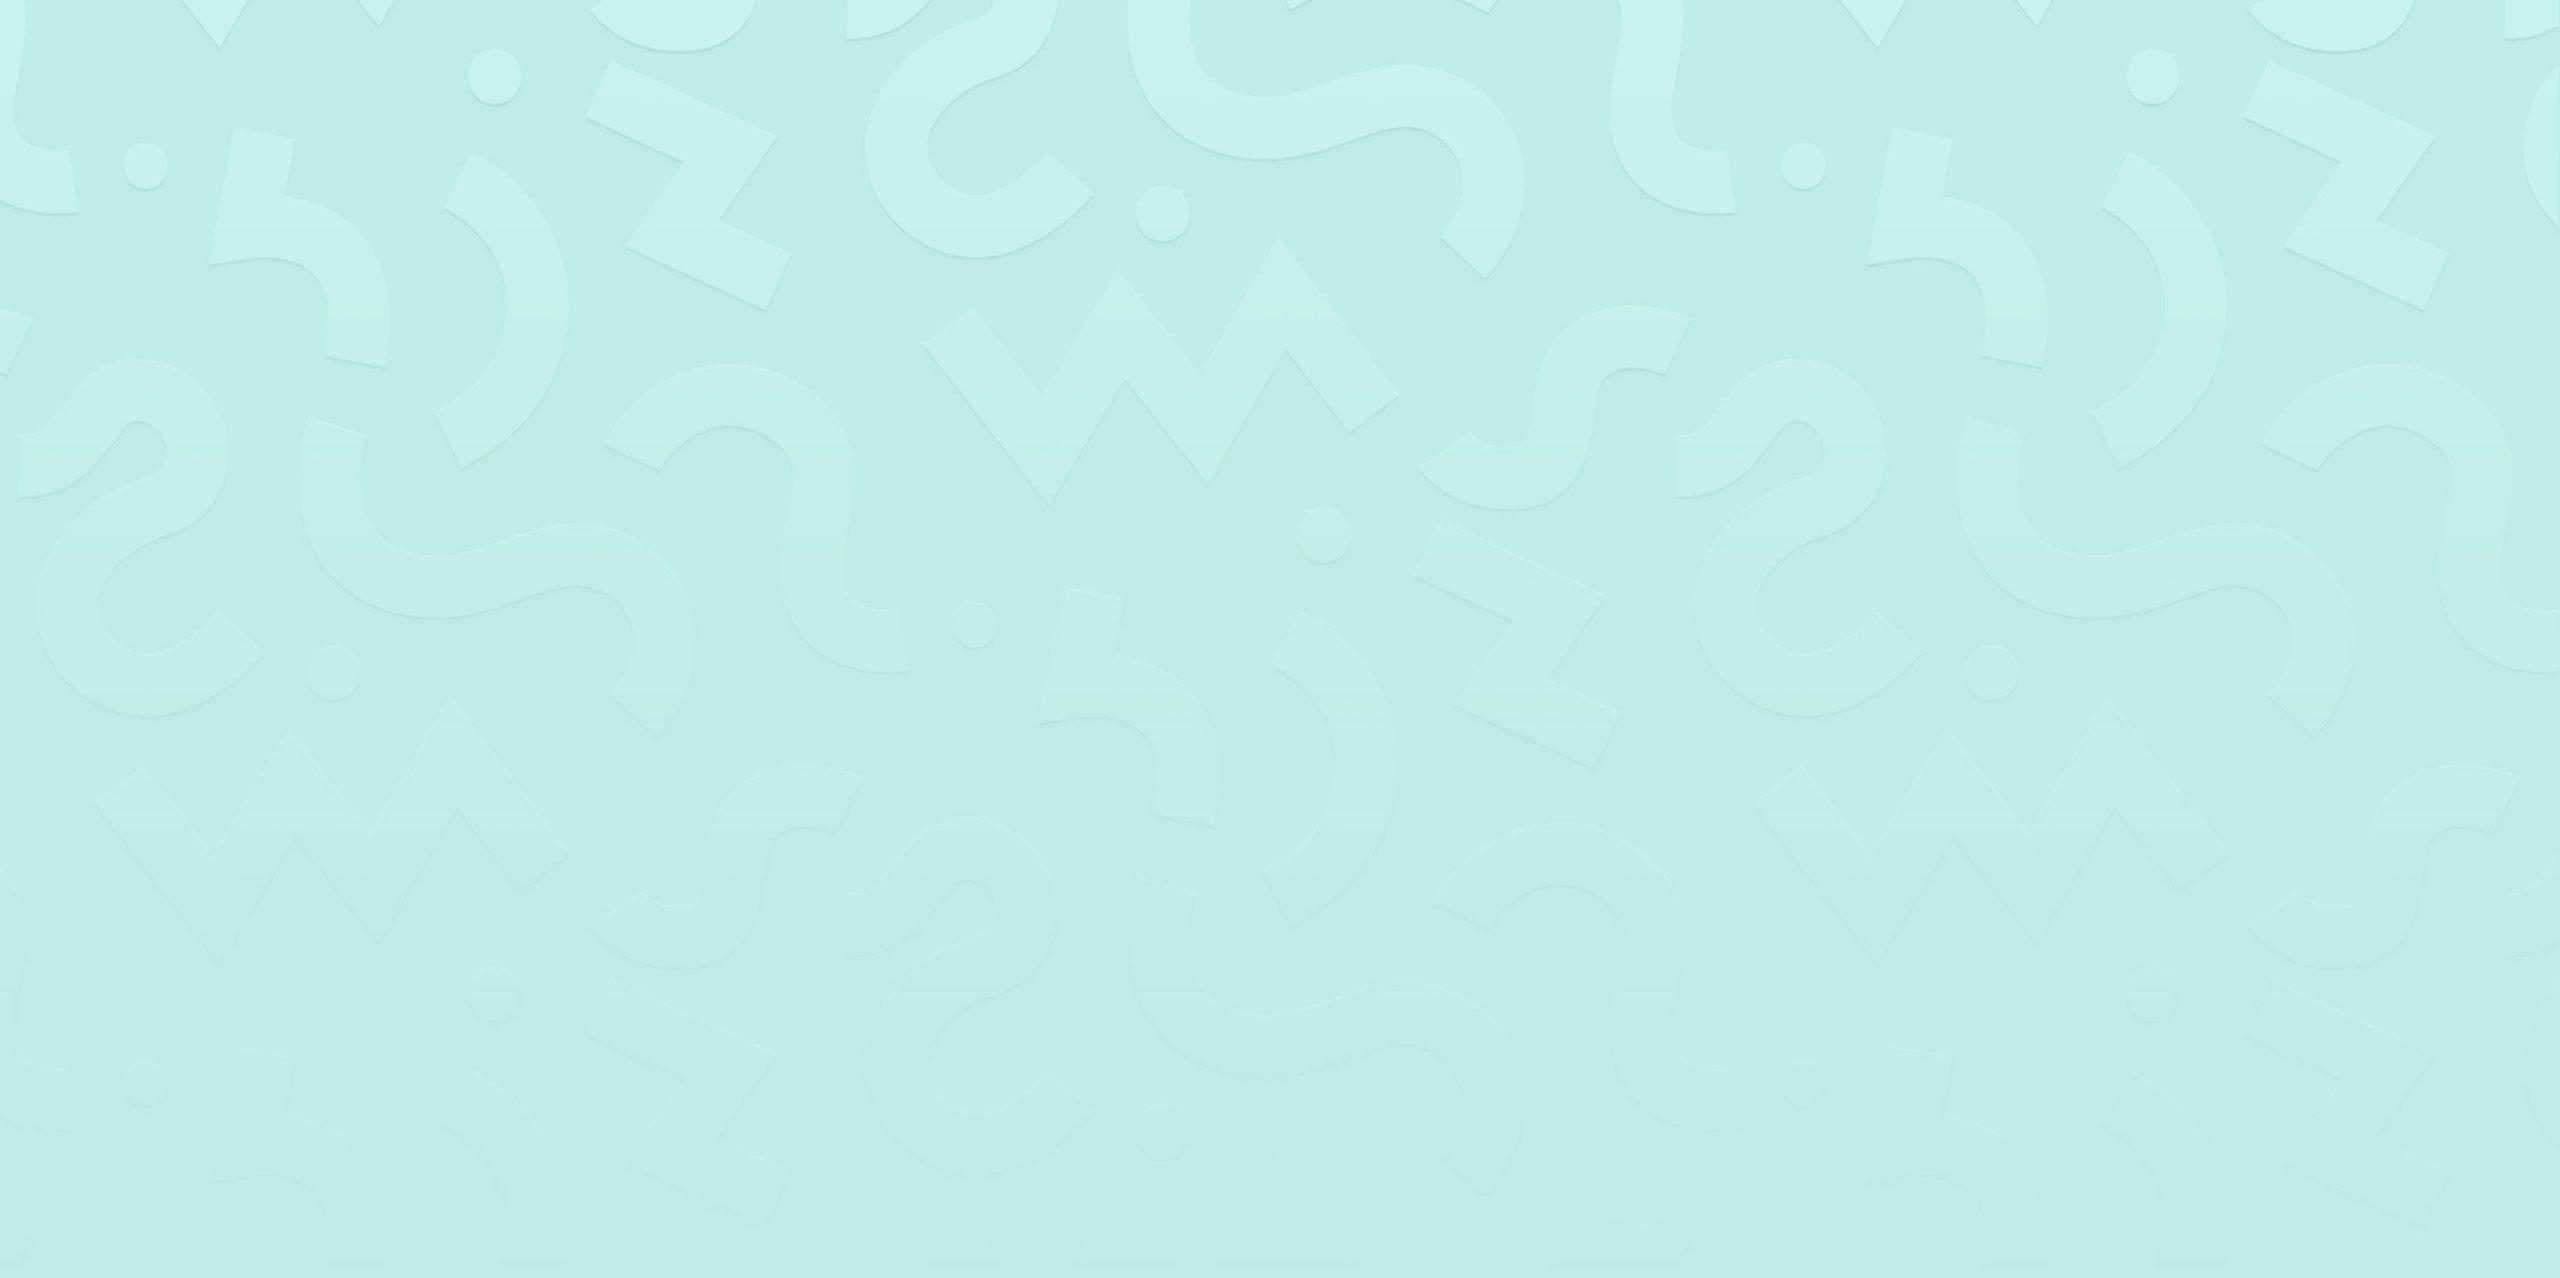 header-background-pattern